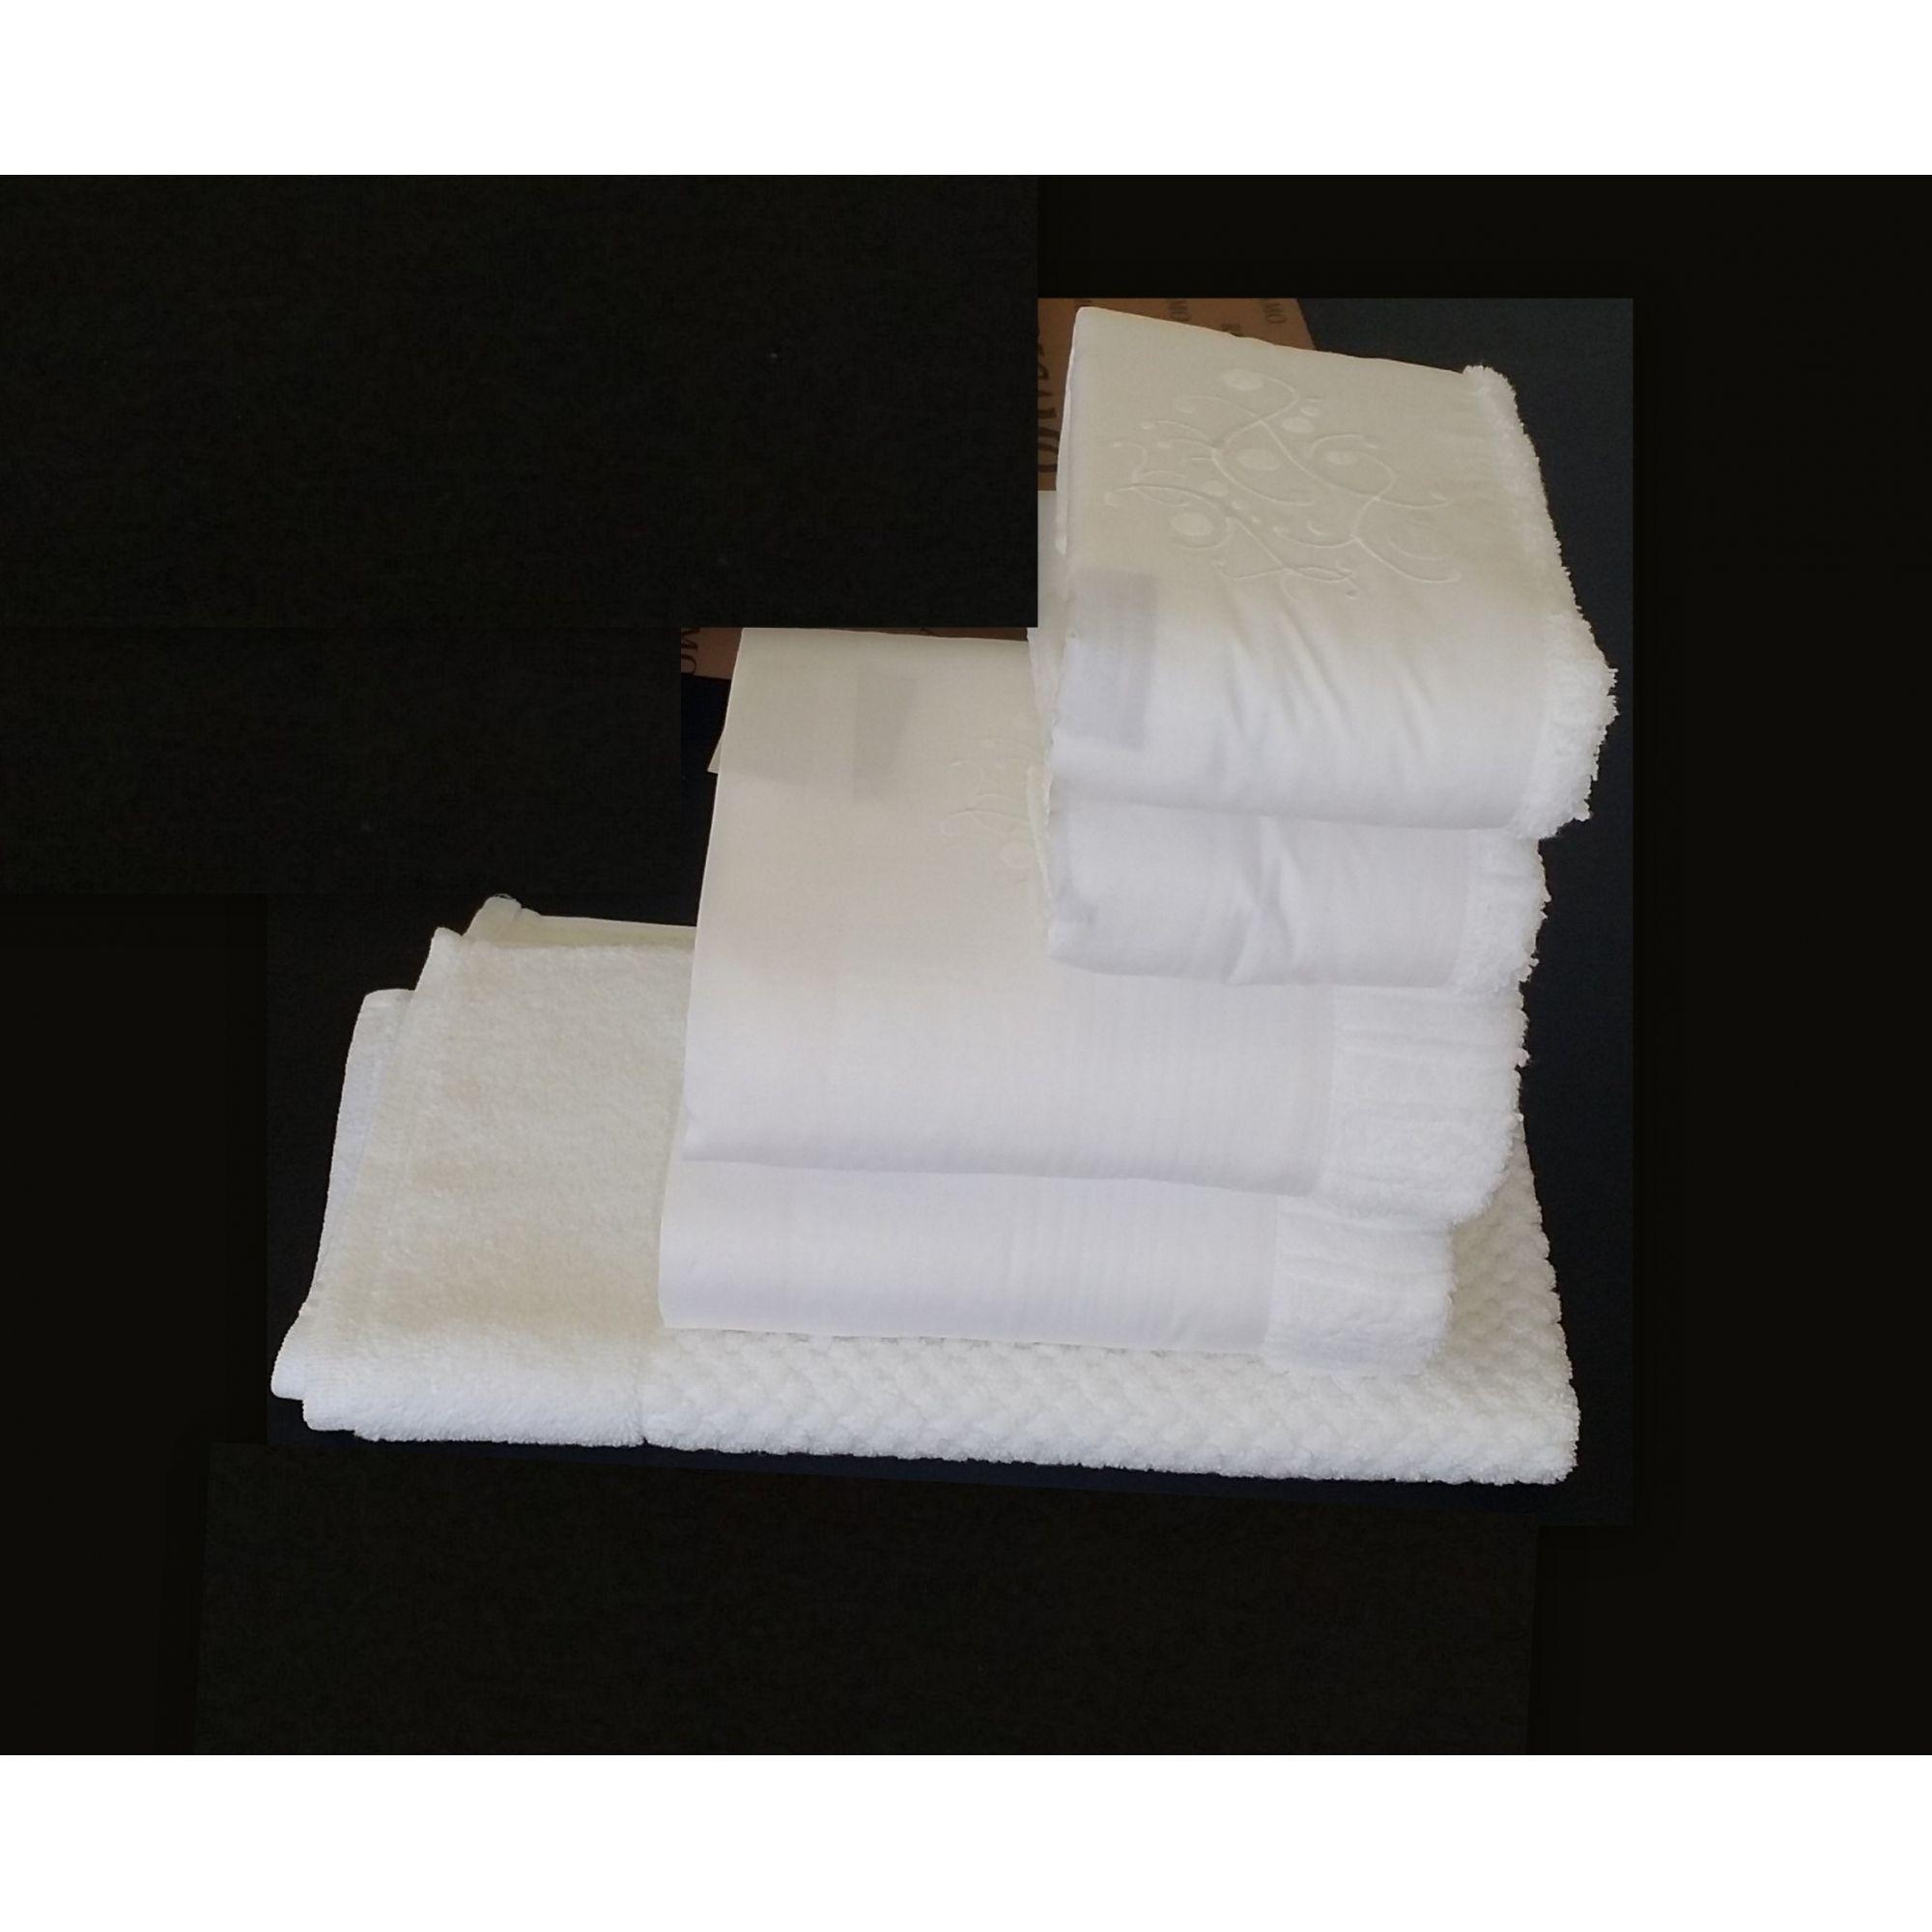 Jogo de Banho 5 peças Arbóreo branco  - Helô Reis Store